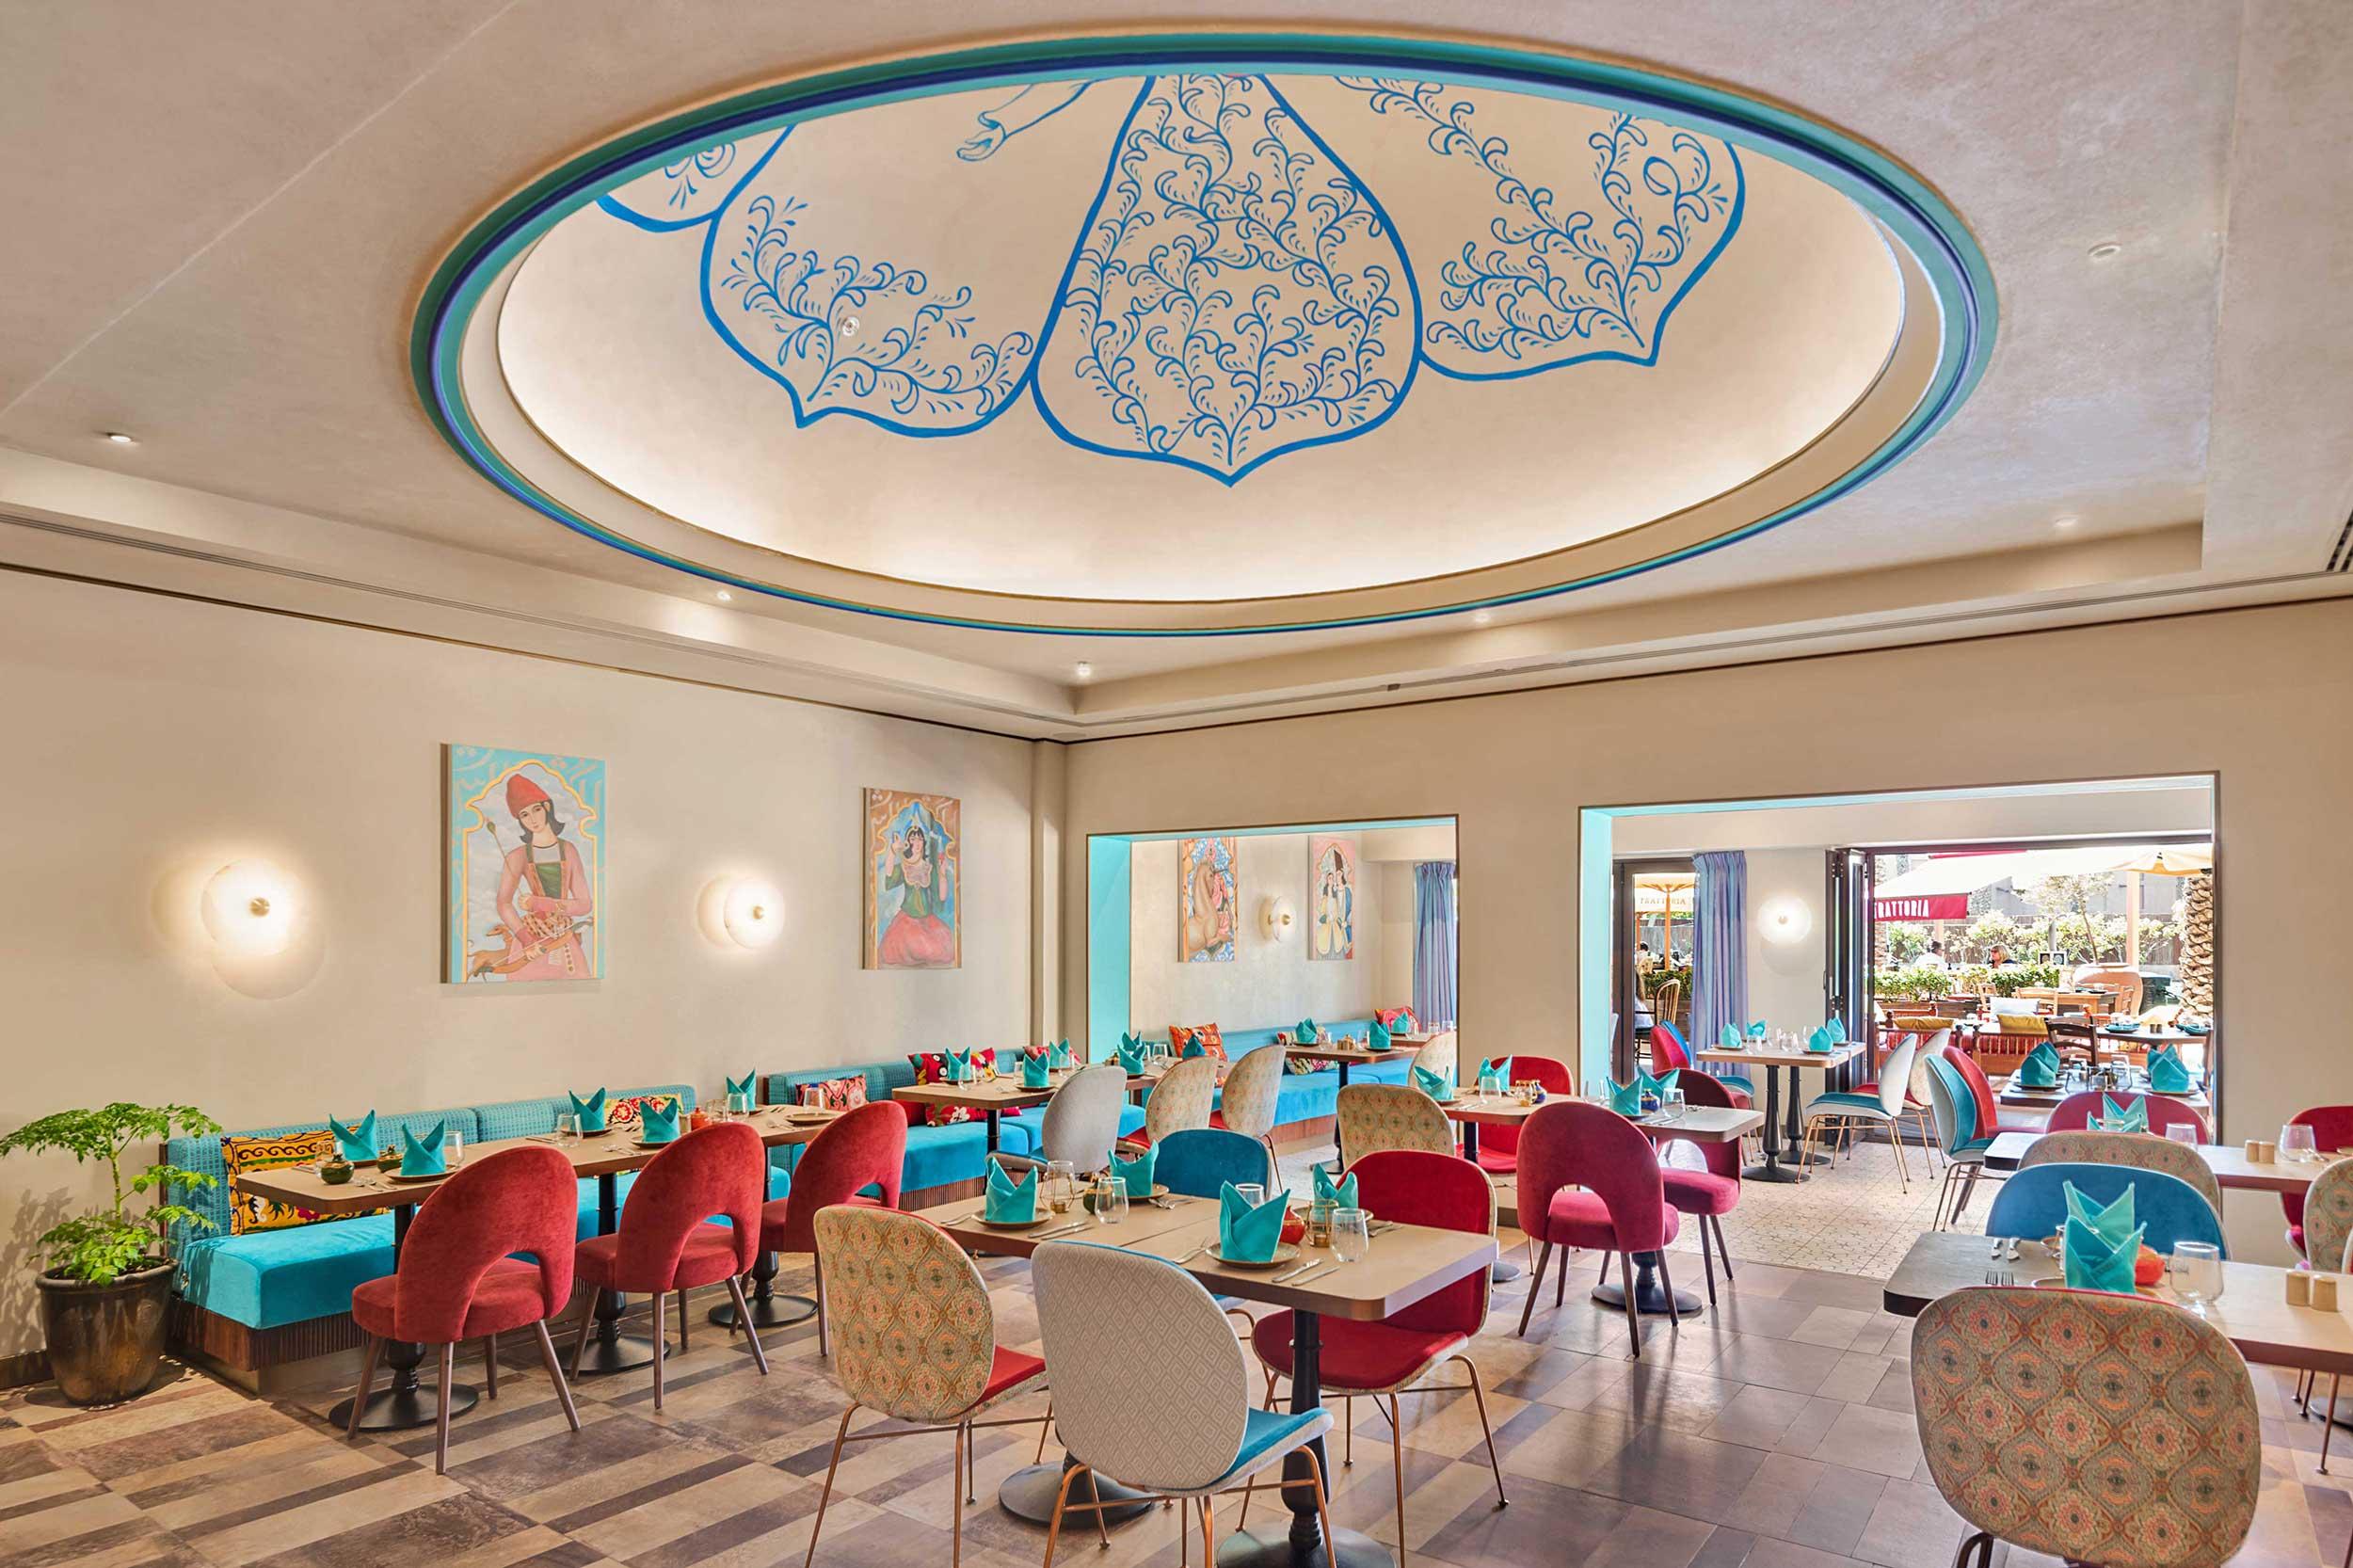 Anar-Interior Design Company Dubai